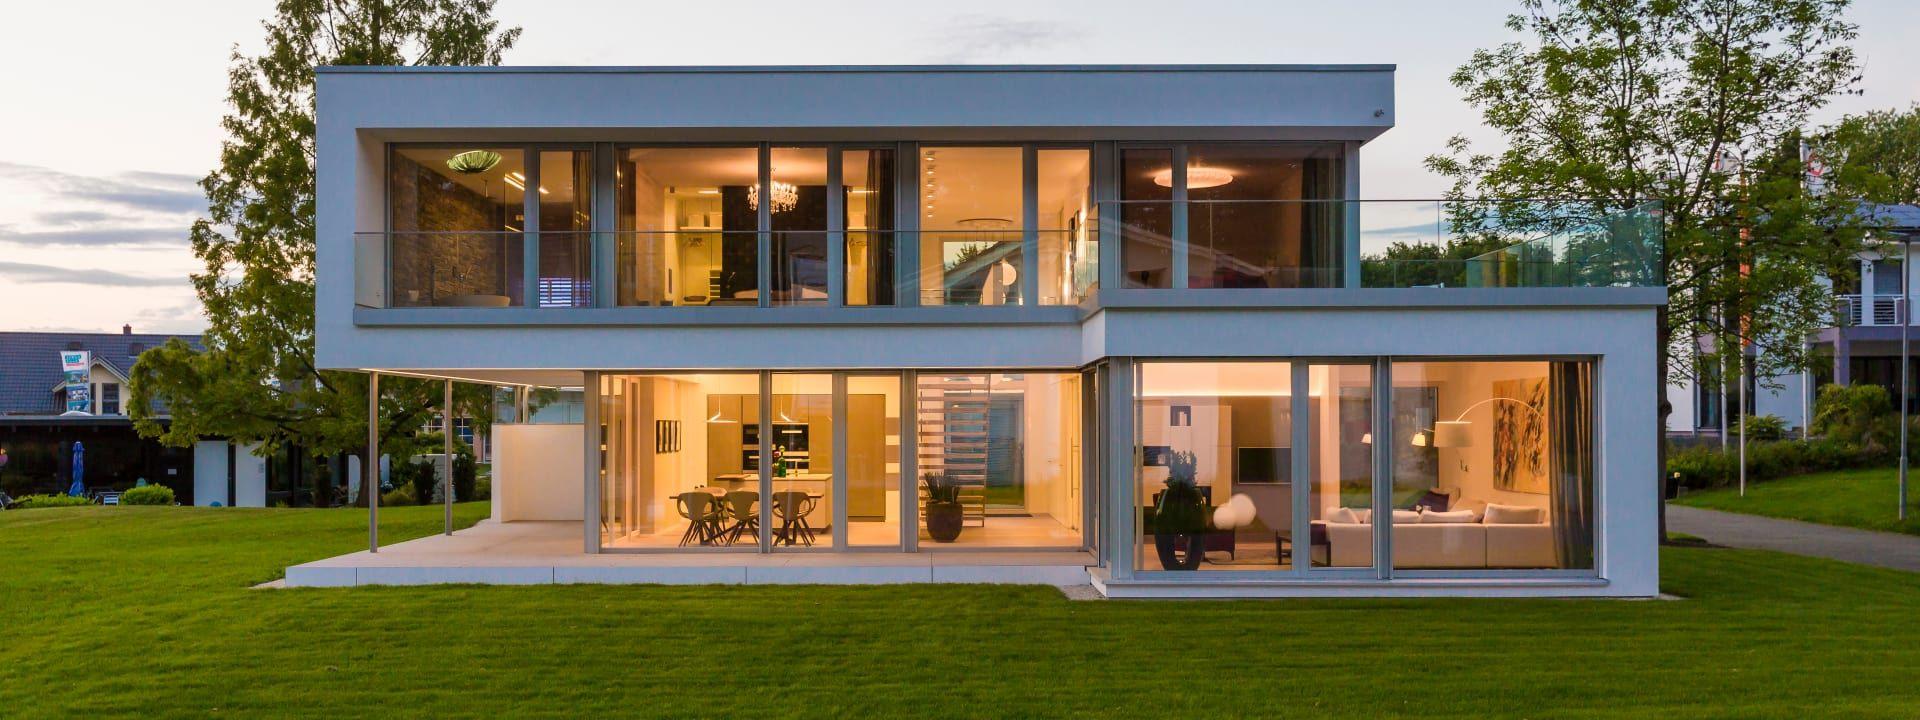 Musterhaus inneneinrichtung bad  Dekoration, Inneneinrichtung, Bad- & Küchenideen | Plattform ...